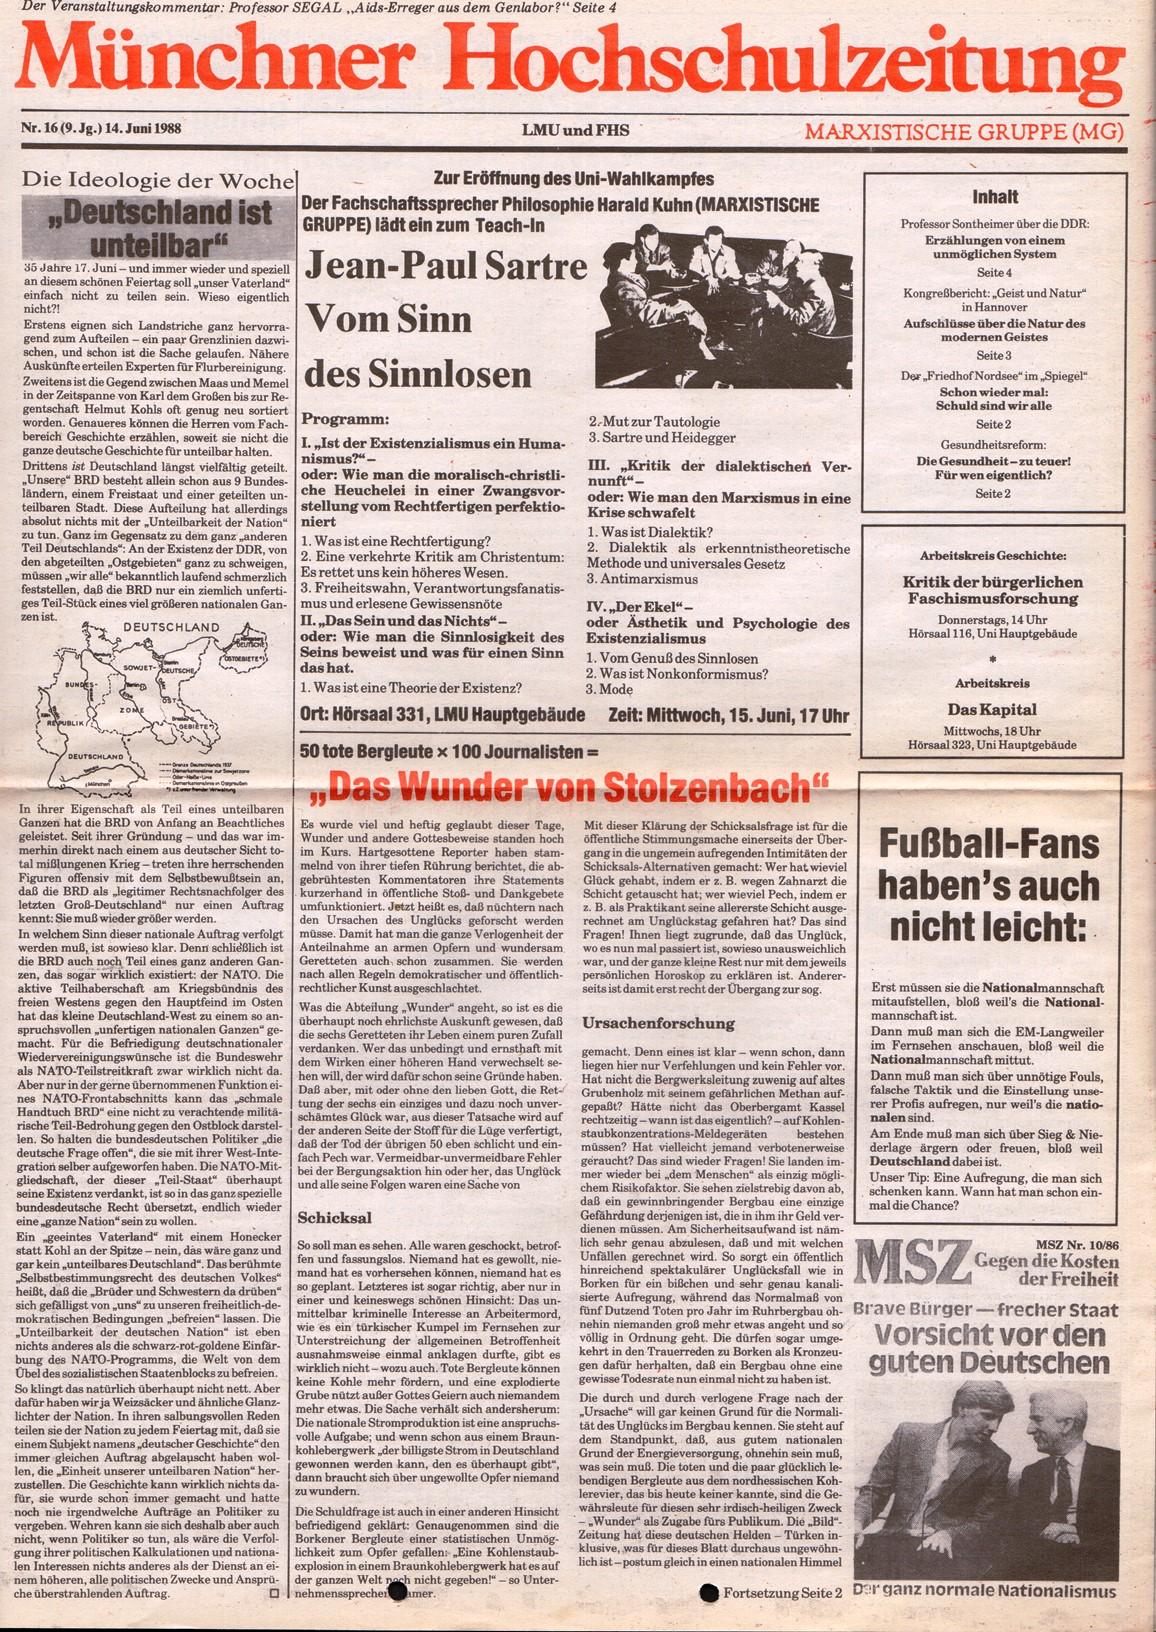 Muenchen_MG_Hochschulzeitung_19880614_01